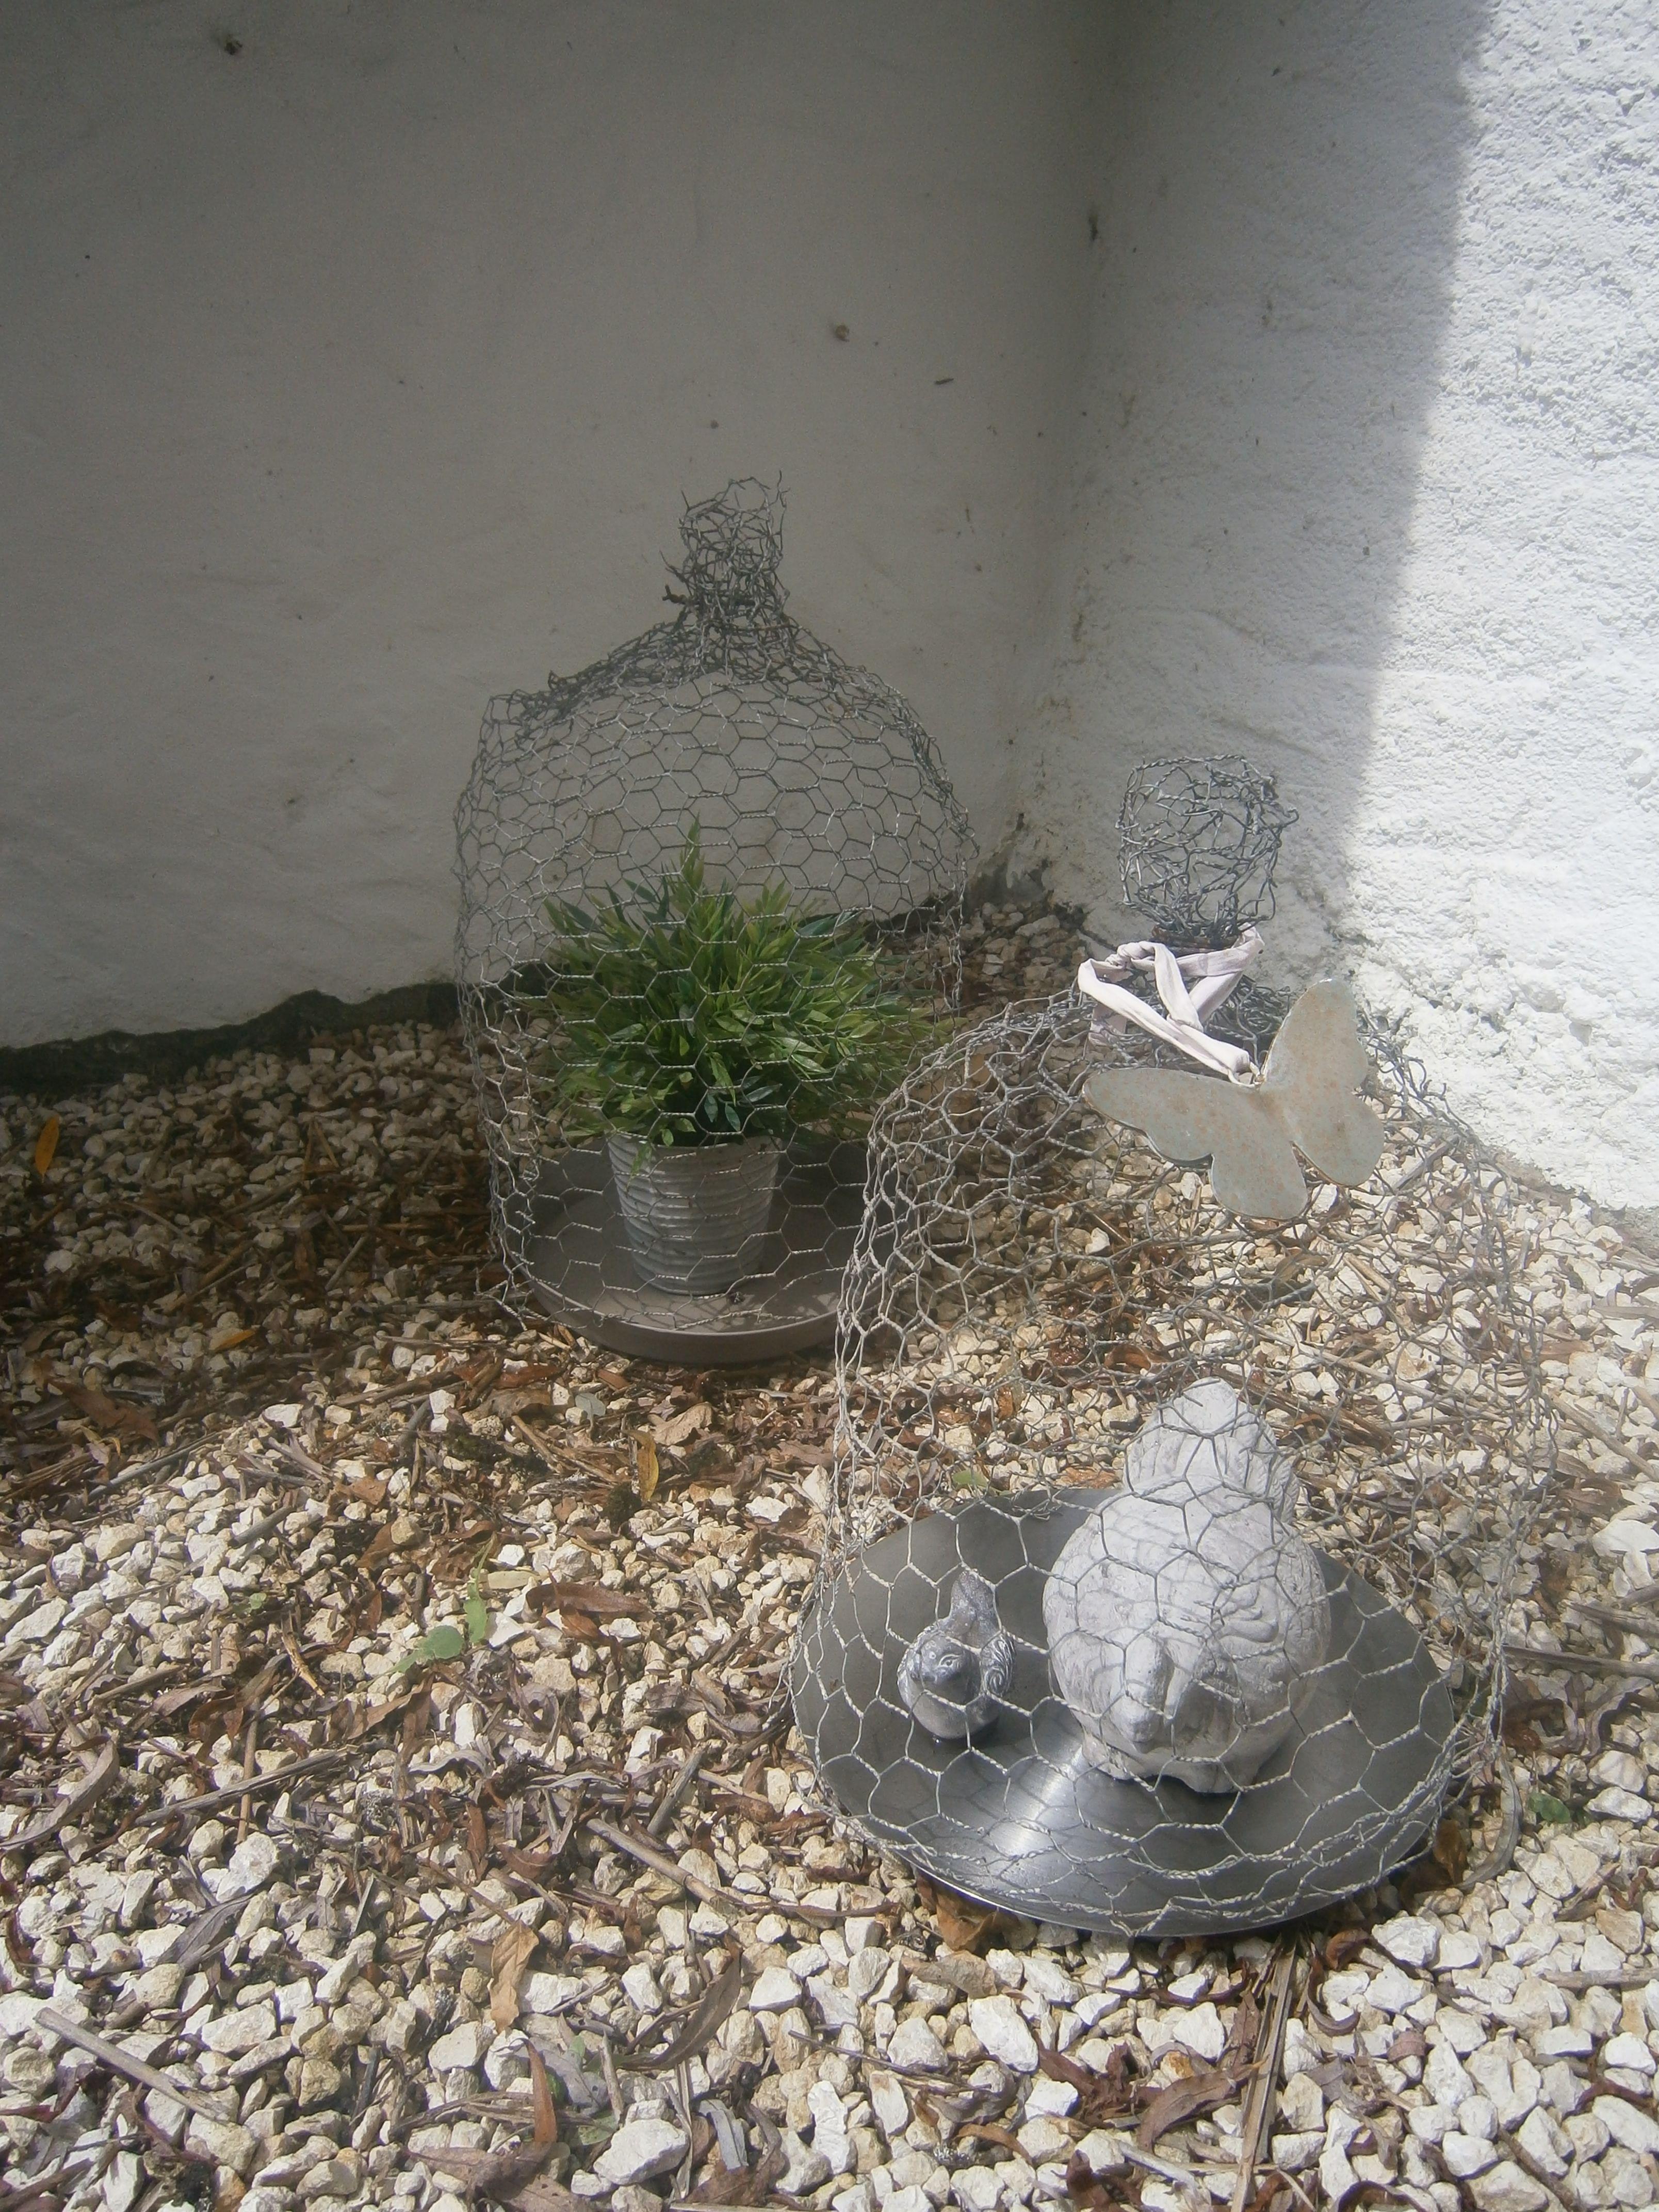 Cloche r alis e avec du grillage poules brocante for Brocante jardin anglais